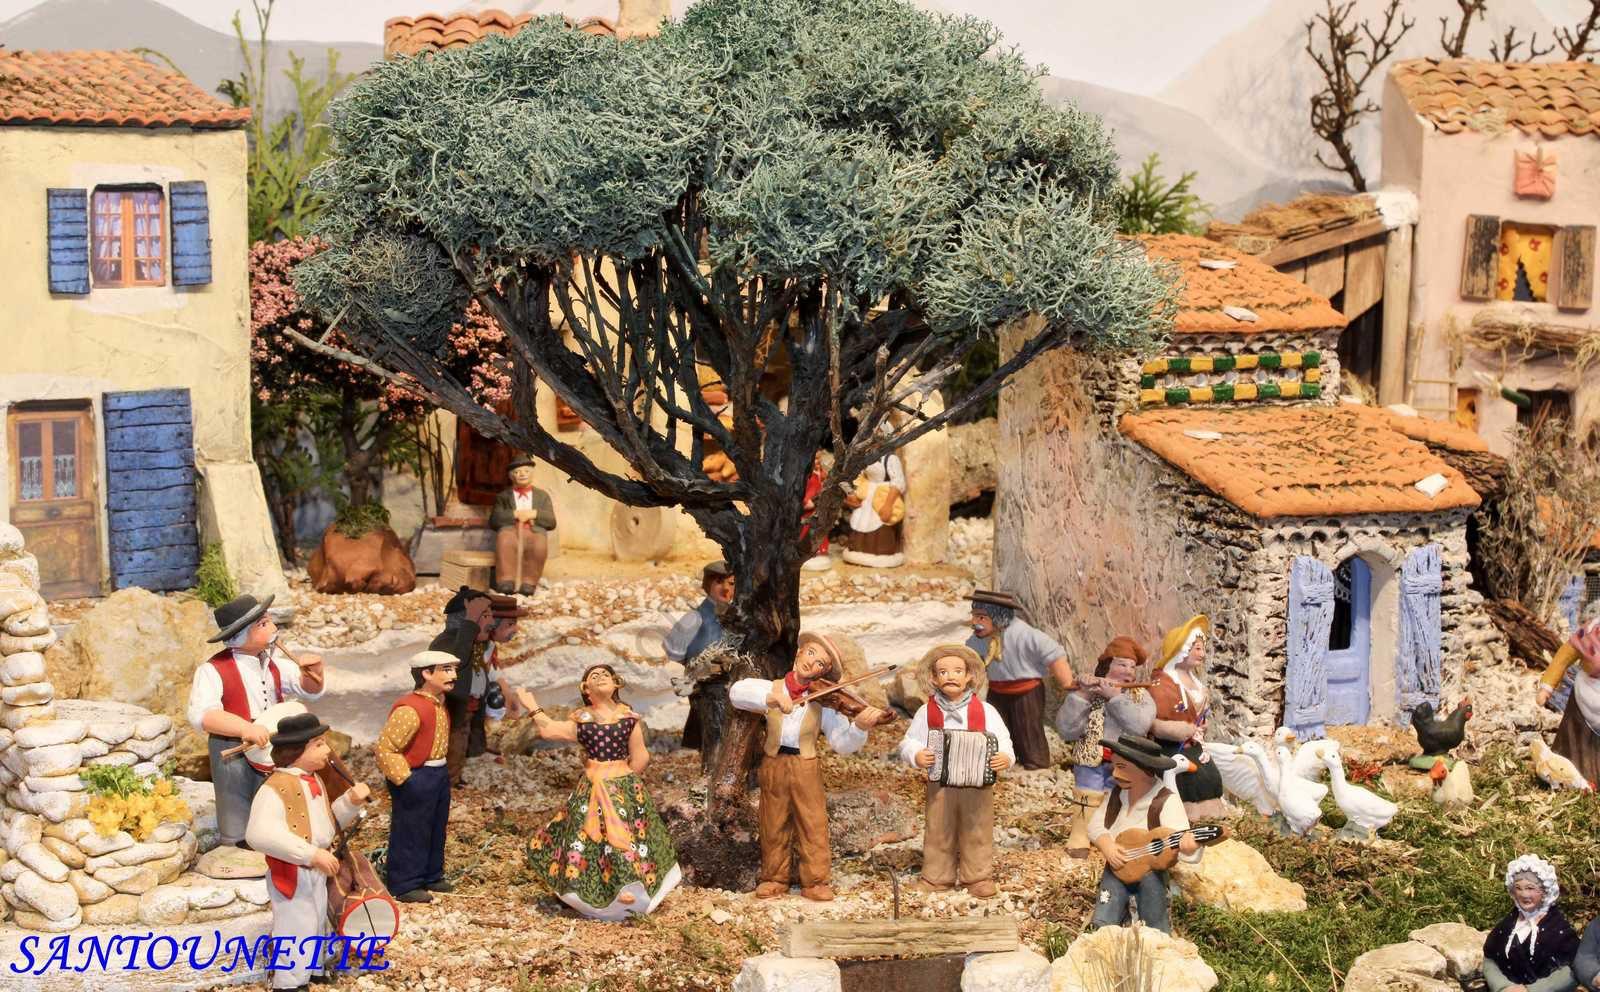 Sous le plus bel arbre de la petite place du Hameau de Monique Danielli